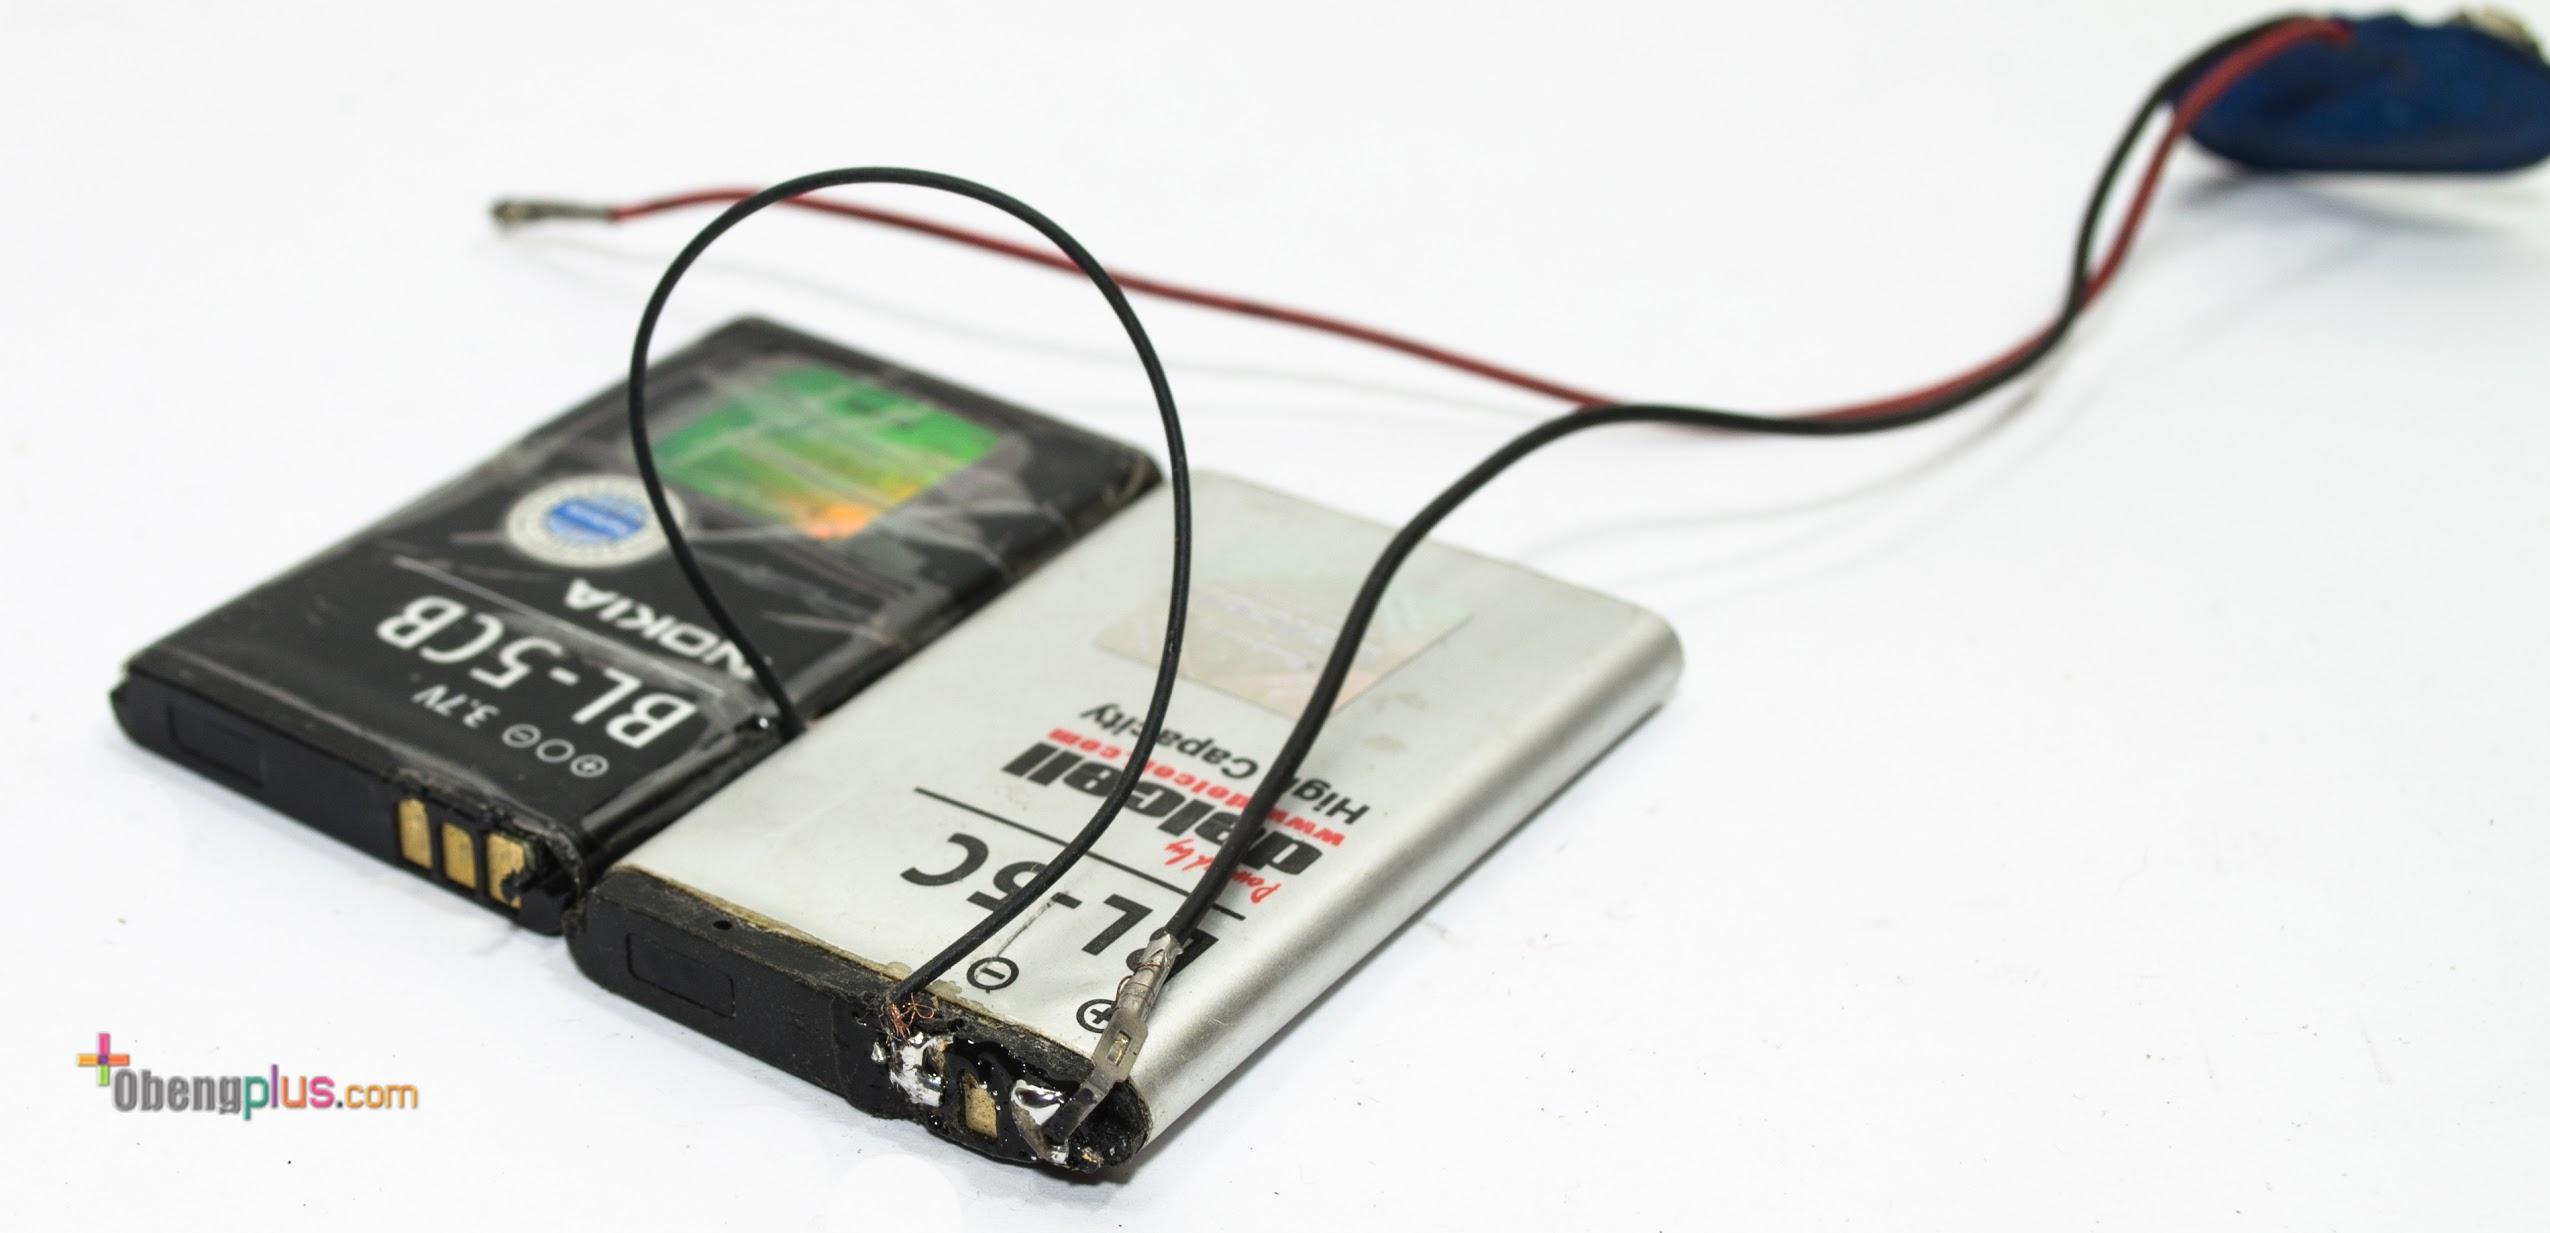 Baterai 9v Dengan Dua Baterai Lithium Ion